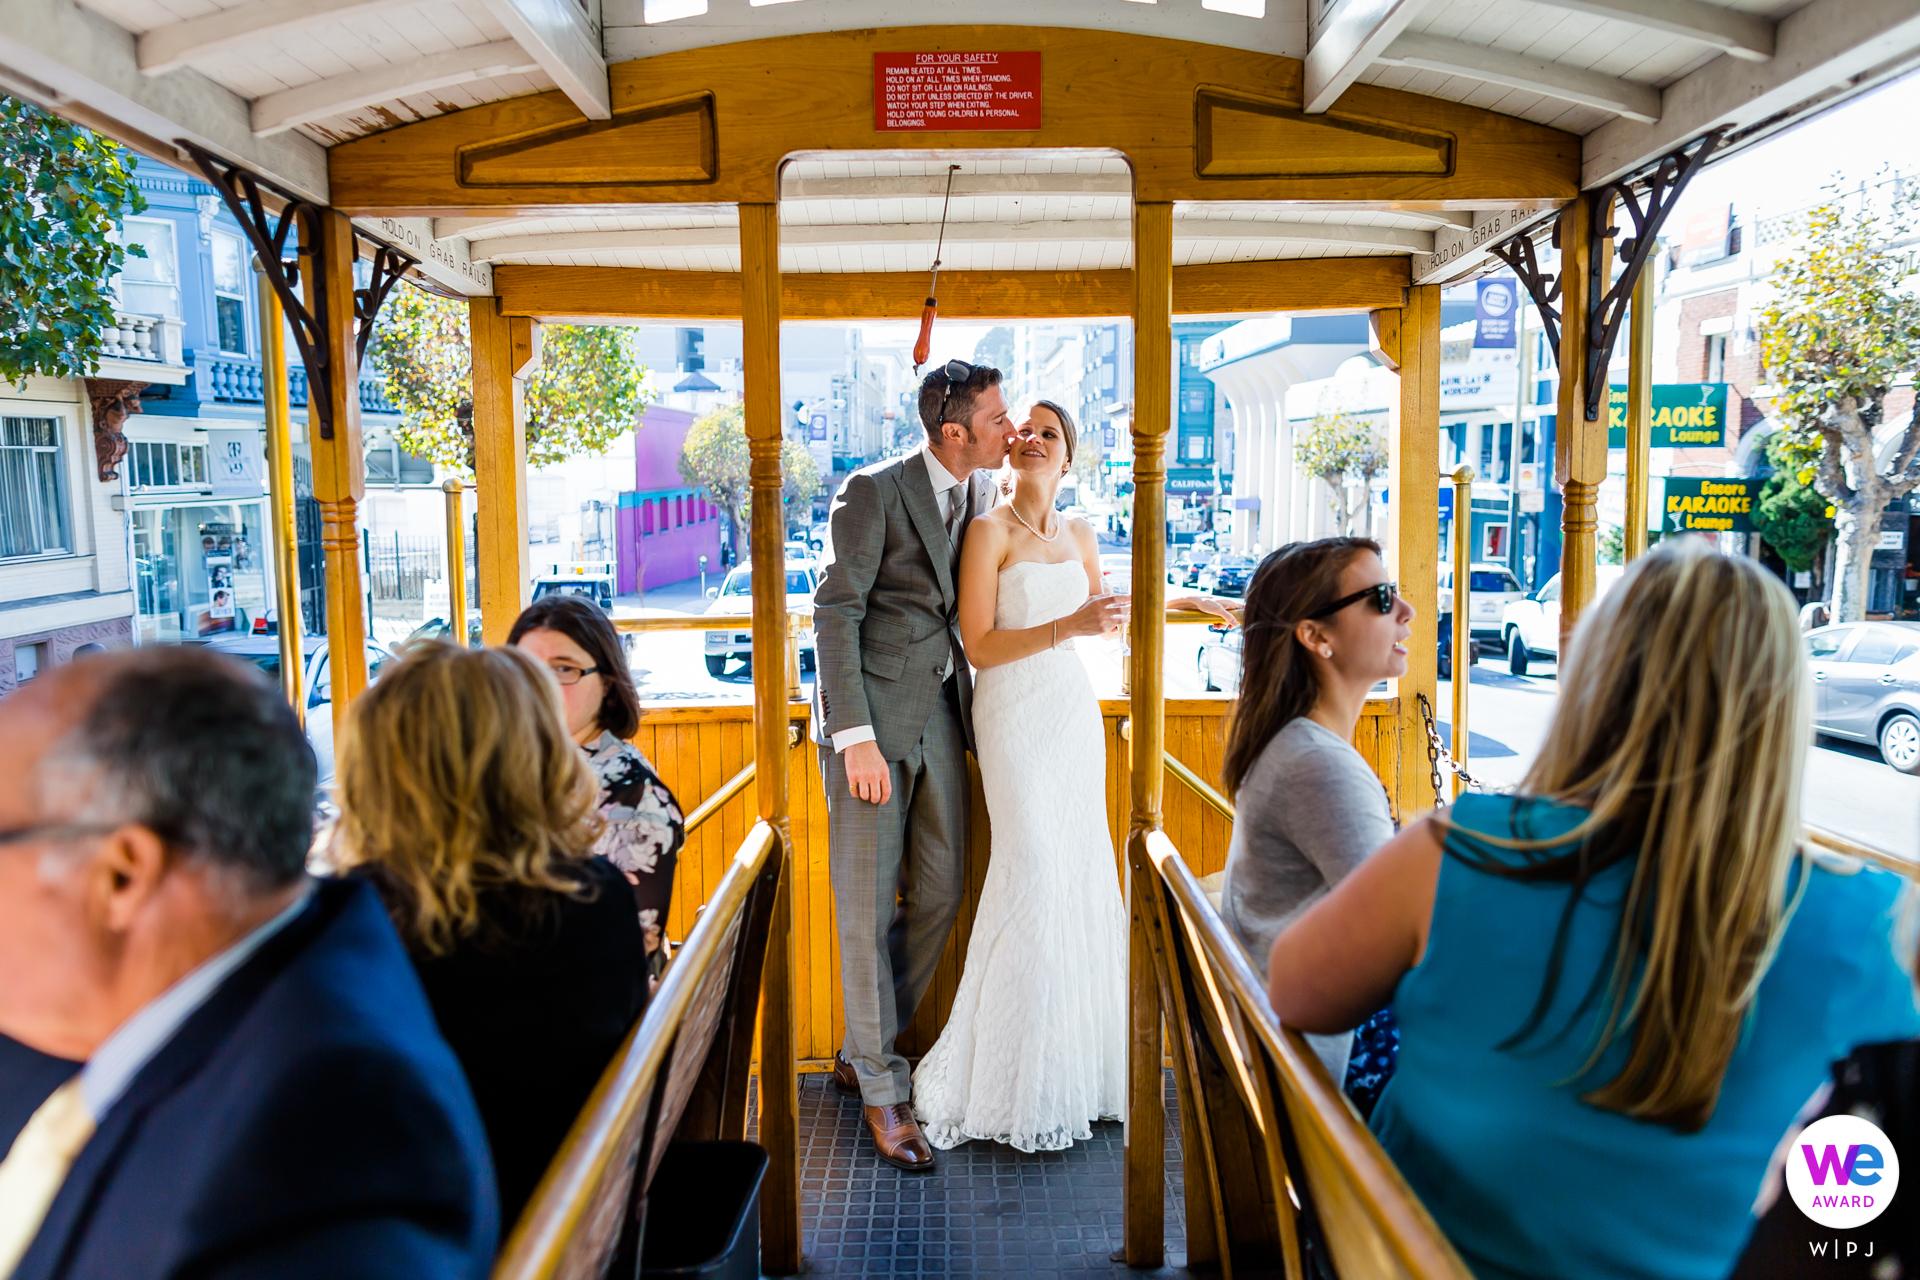 Ayuntamiento de San Francisco, California Elopement Picture Story   Los invitados y las familias fueron invitados a un paseo en teleférico por la ciudad después de la ceremonia.